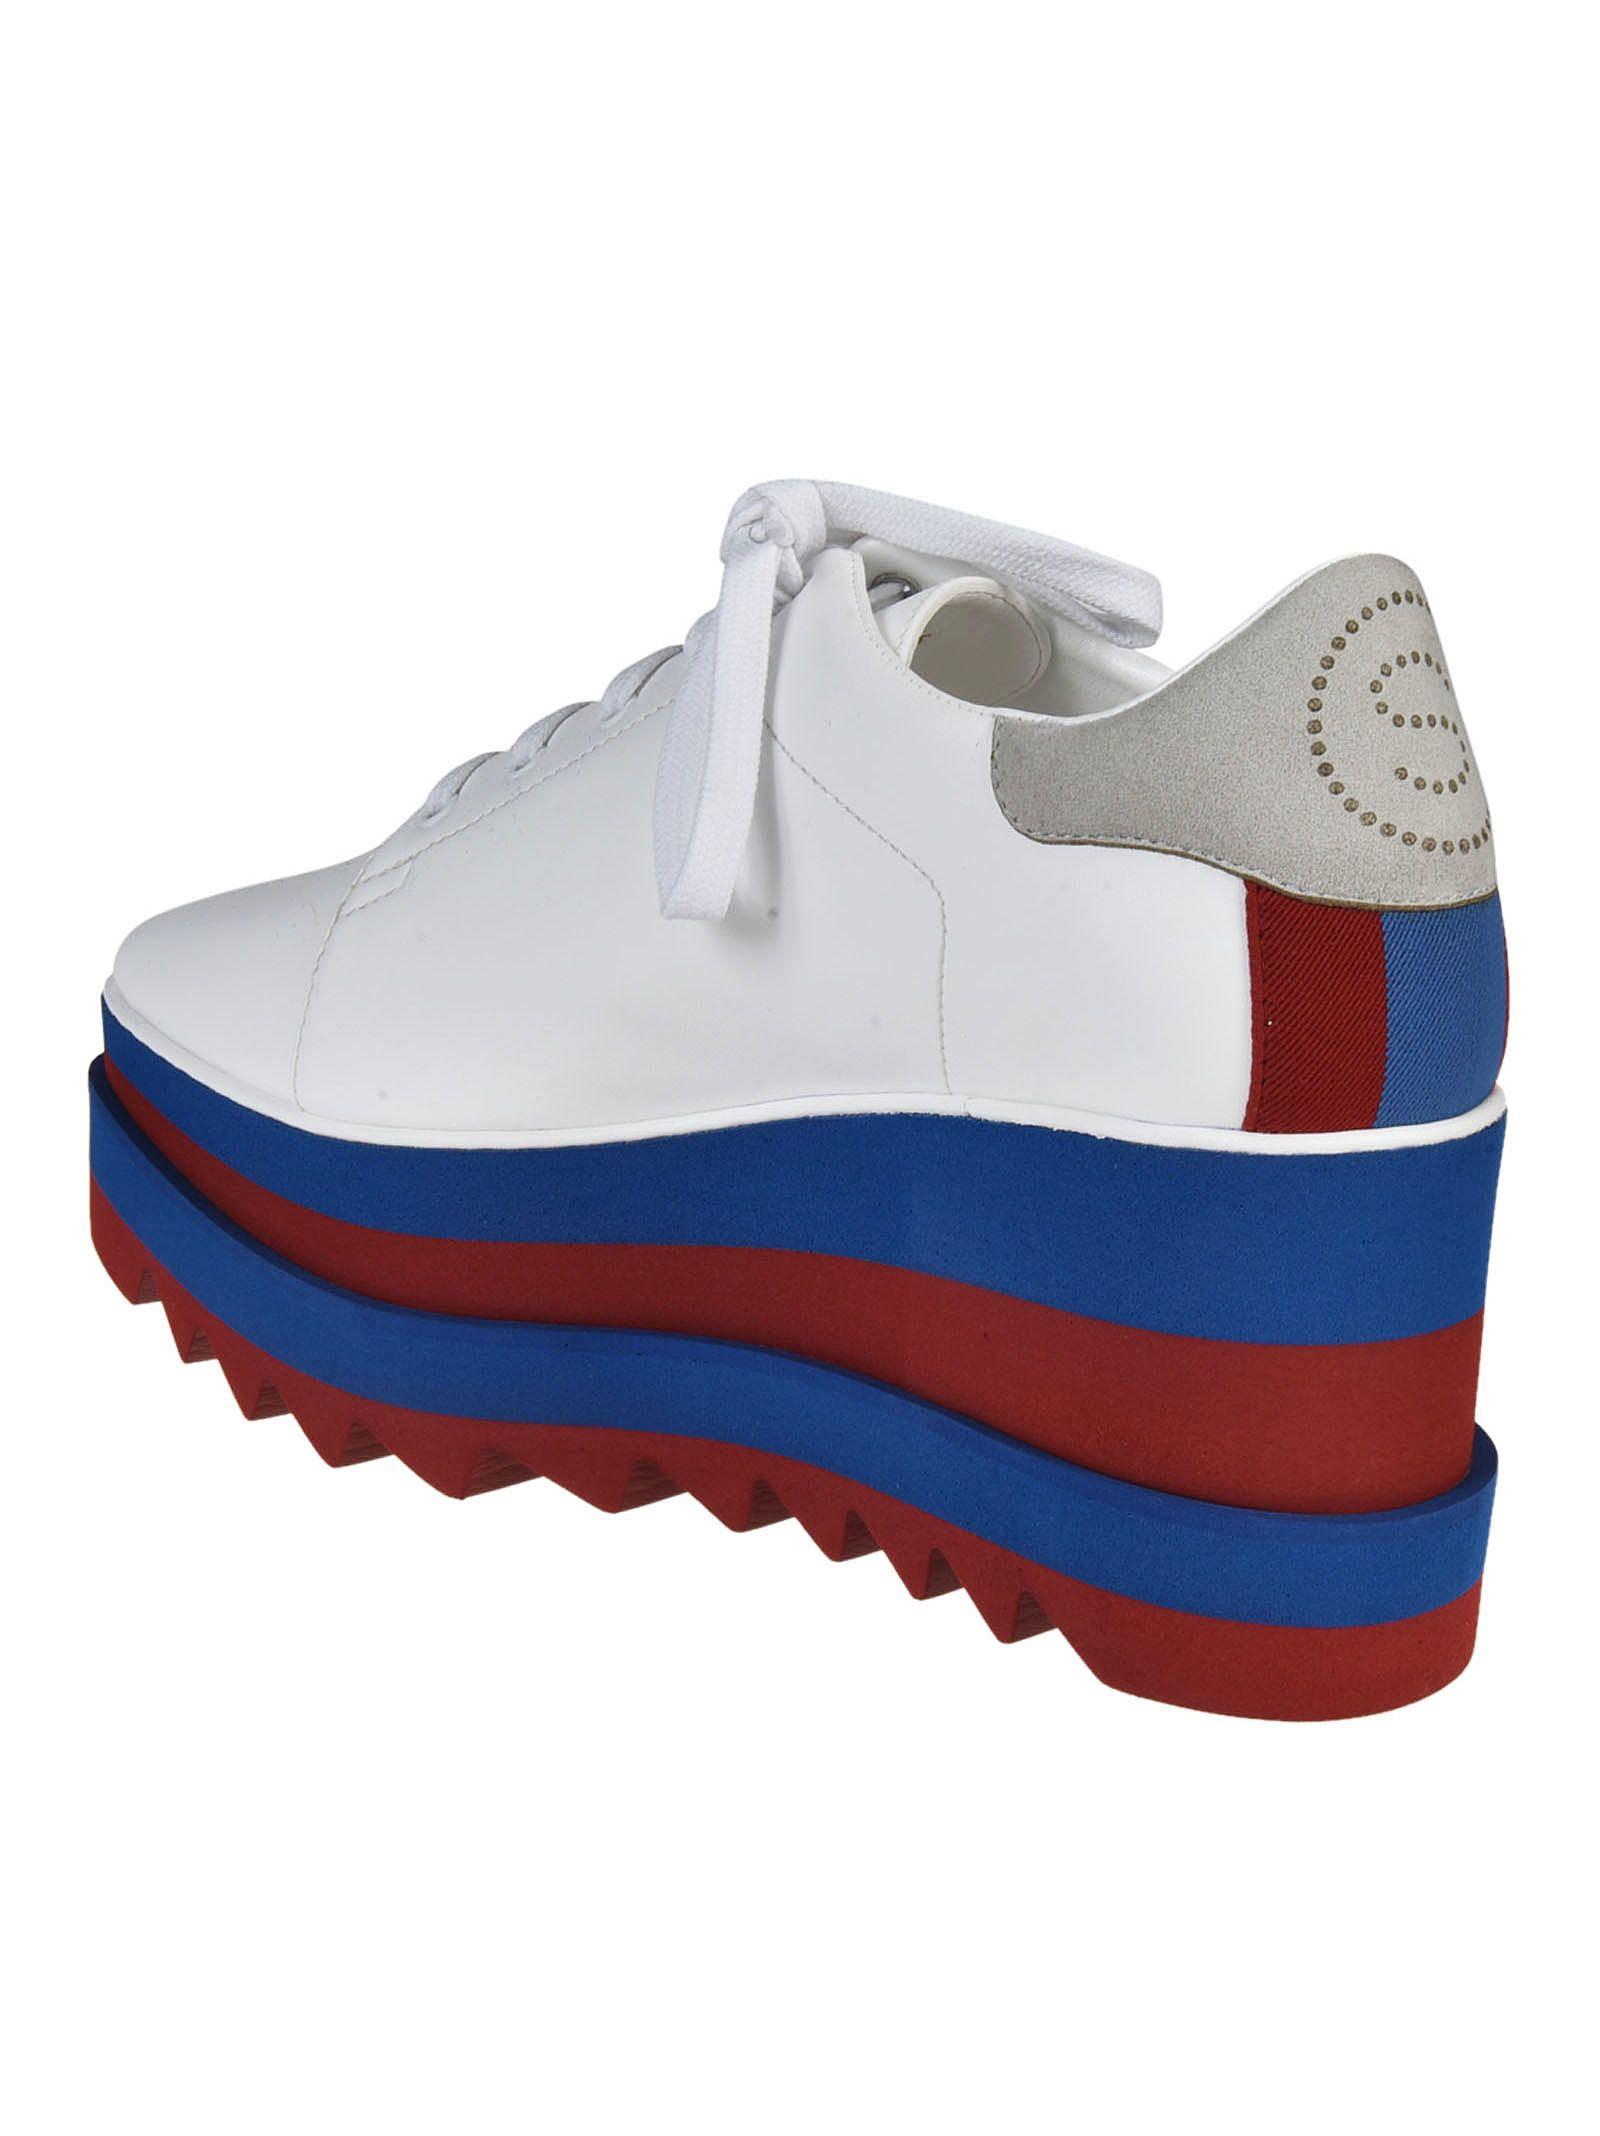 ... Stella McCartney Sneak Elyse Platform Sneakers